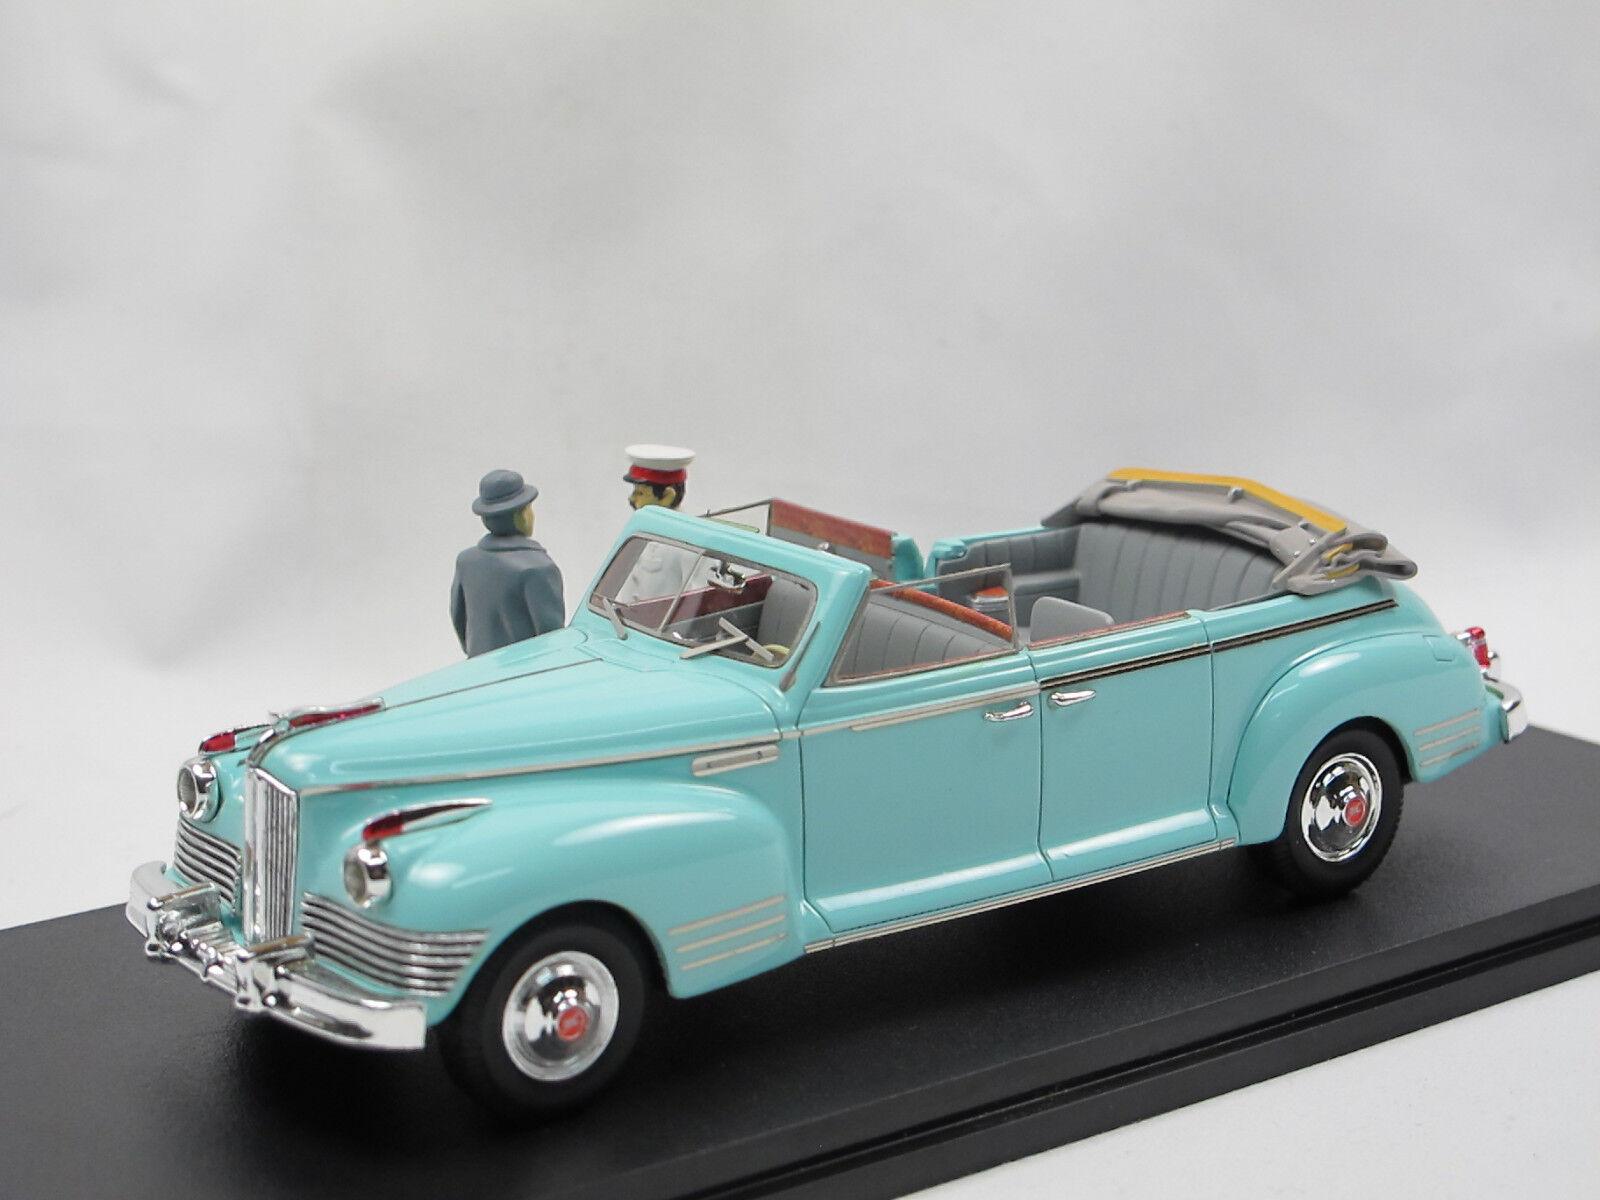 1950 sist 110 b - cabriolet mit stalin + chruschtschow figuren über 1   43 begrenzt